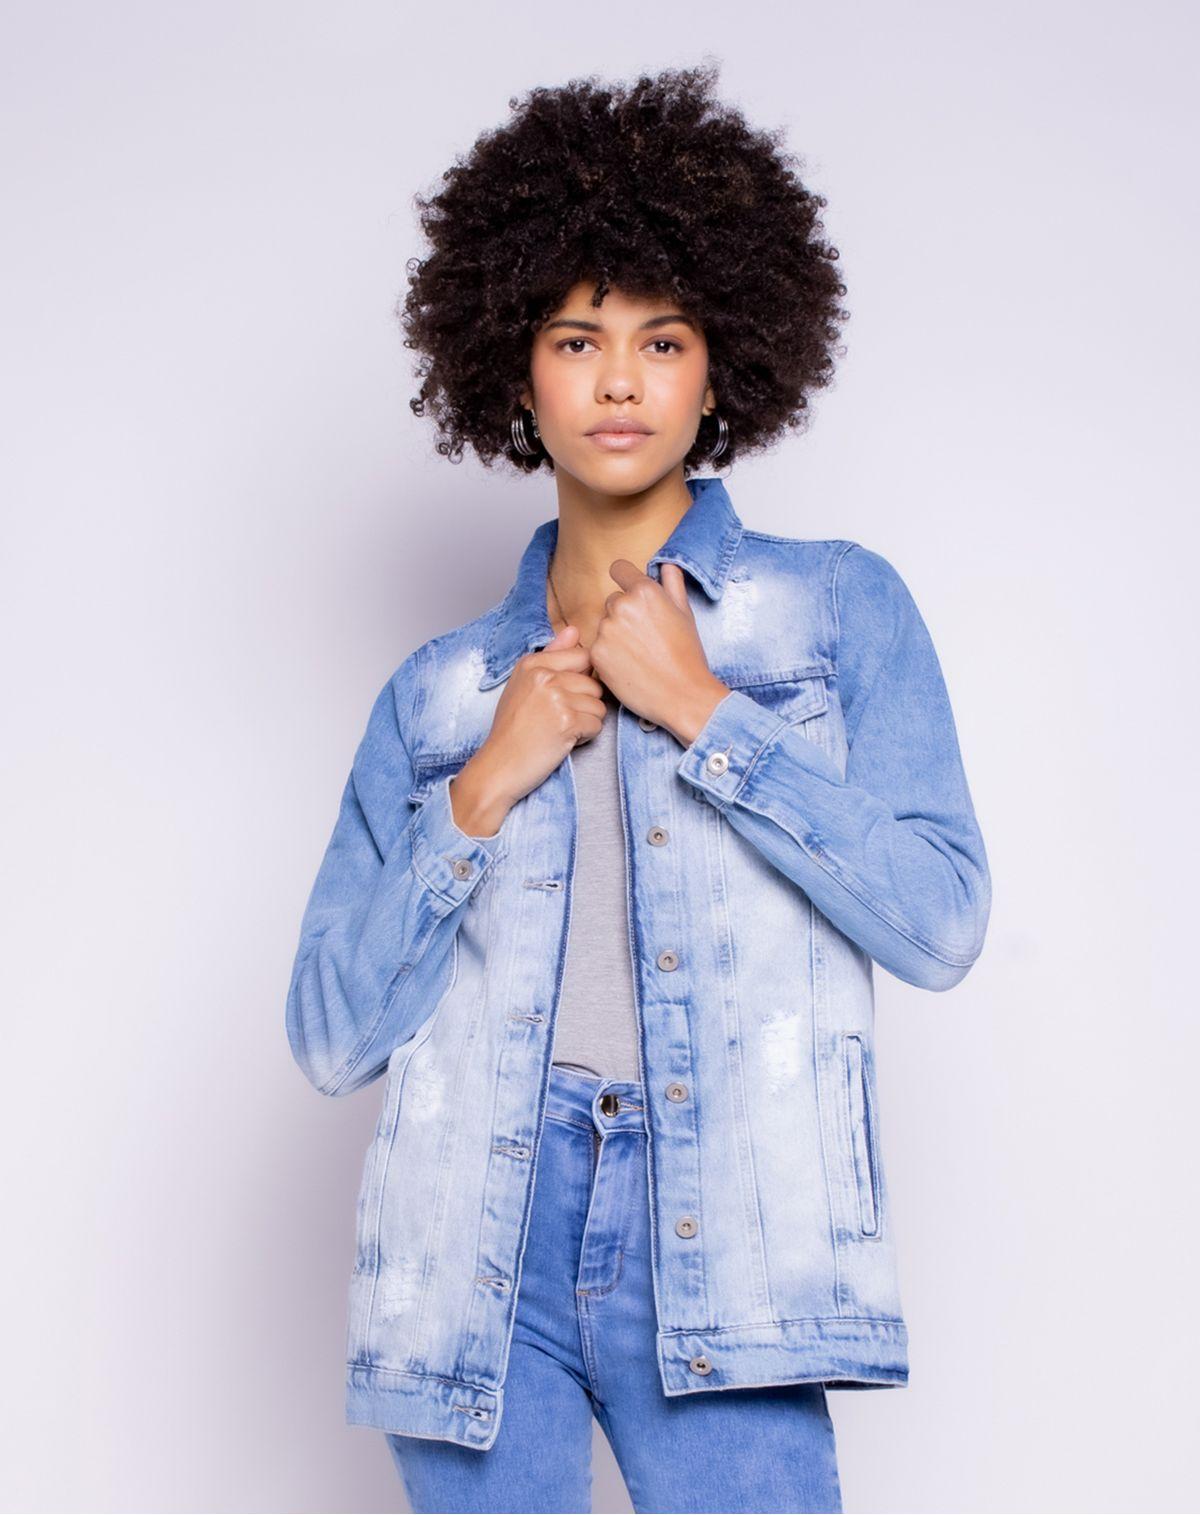 594293002-max-jaqueta-jeans-feminina-estonada-jeans-m-4fb